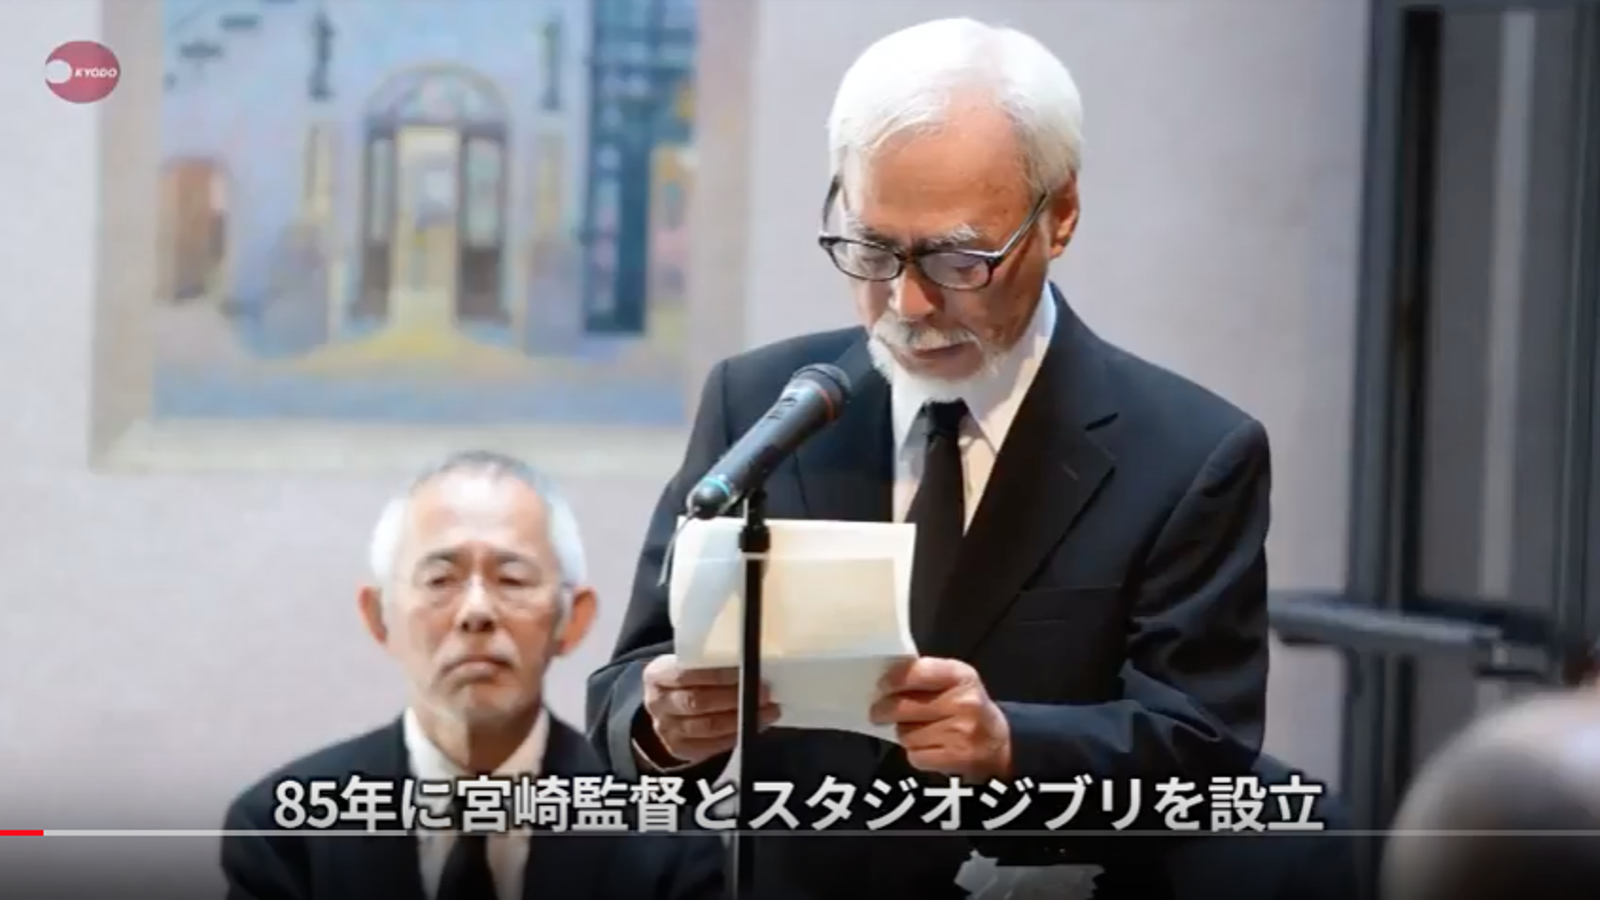 Hayao Miyazaki Remembers His Friend Isao Takahata